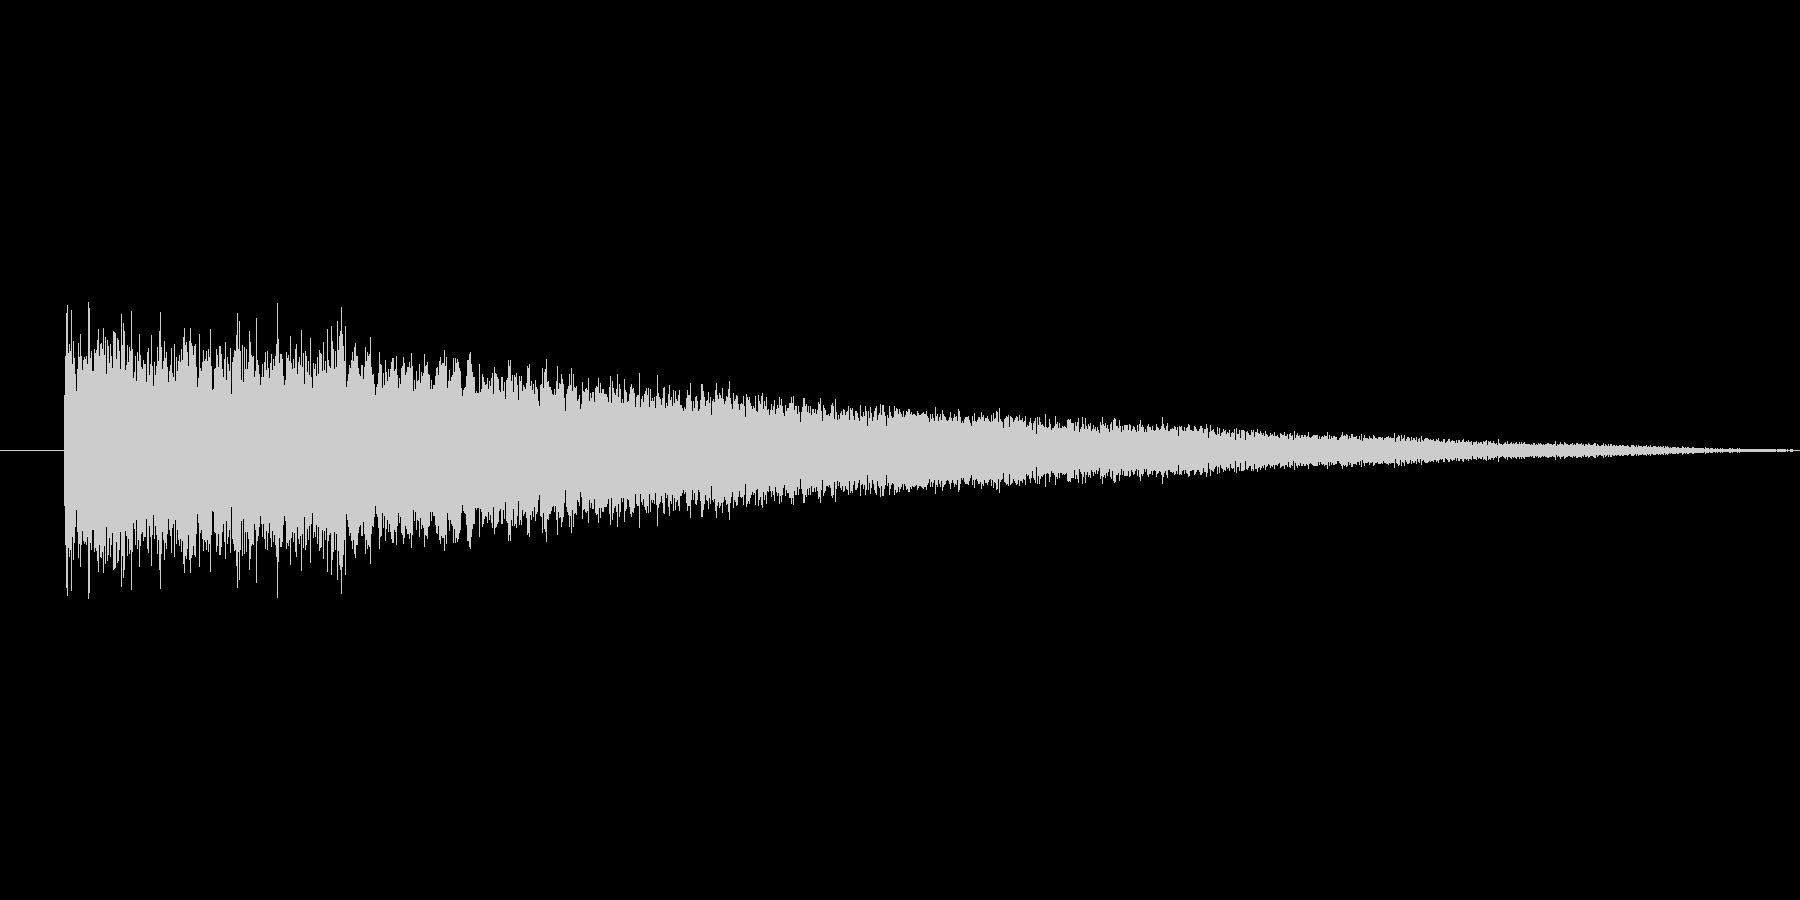 暗い場所で響くイメージの金属音の未再生の波形